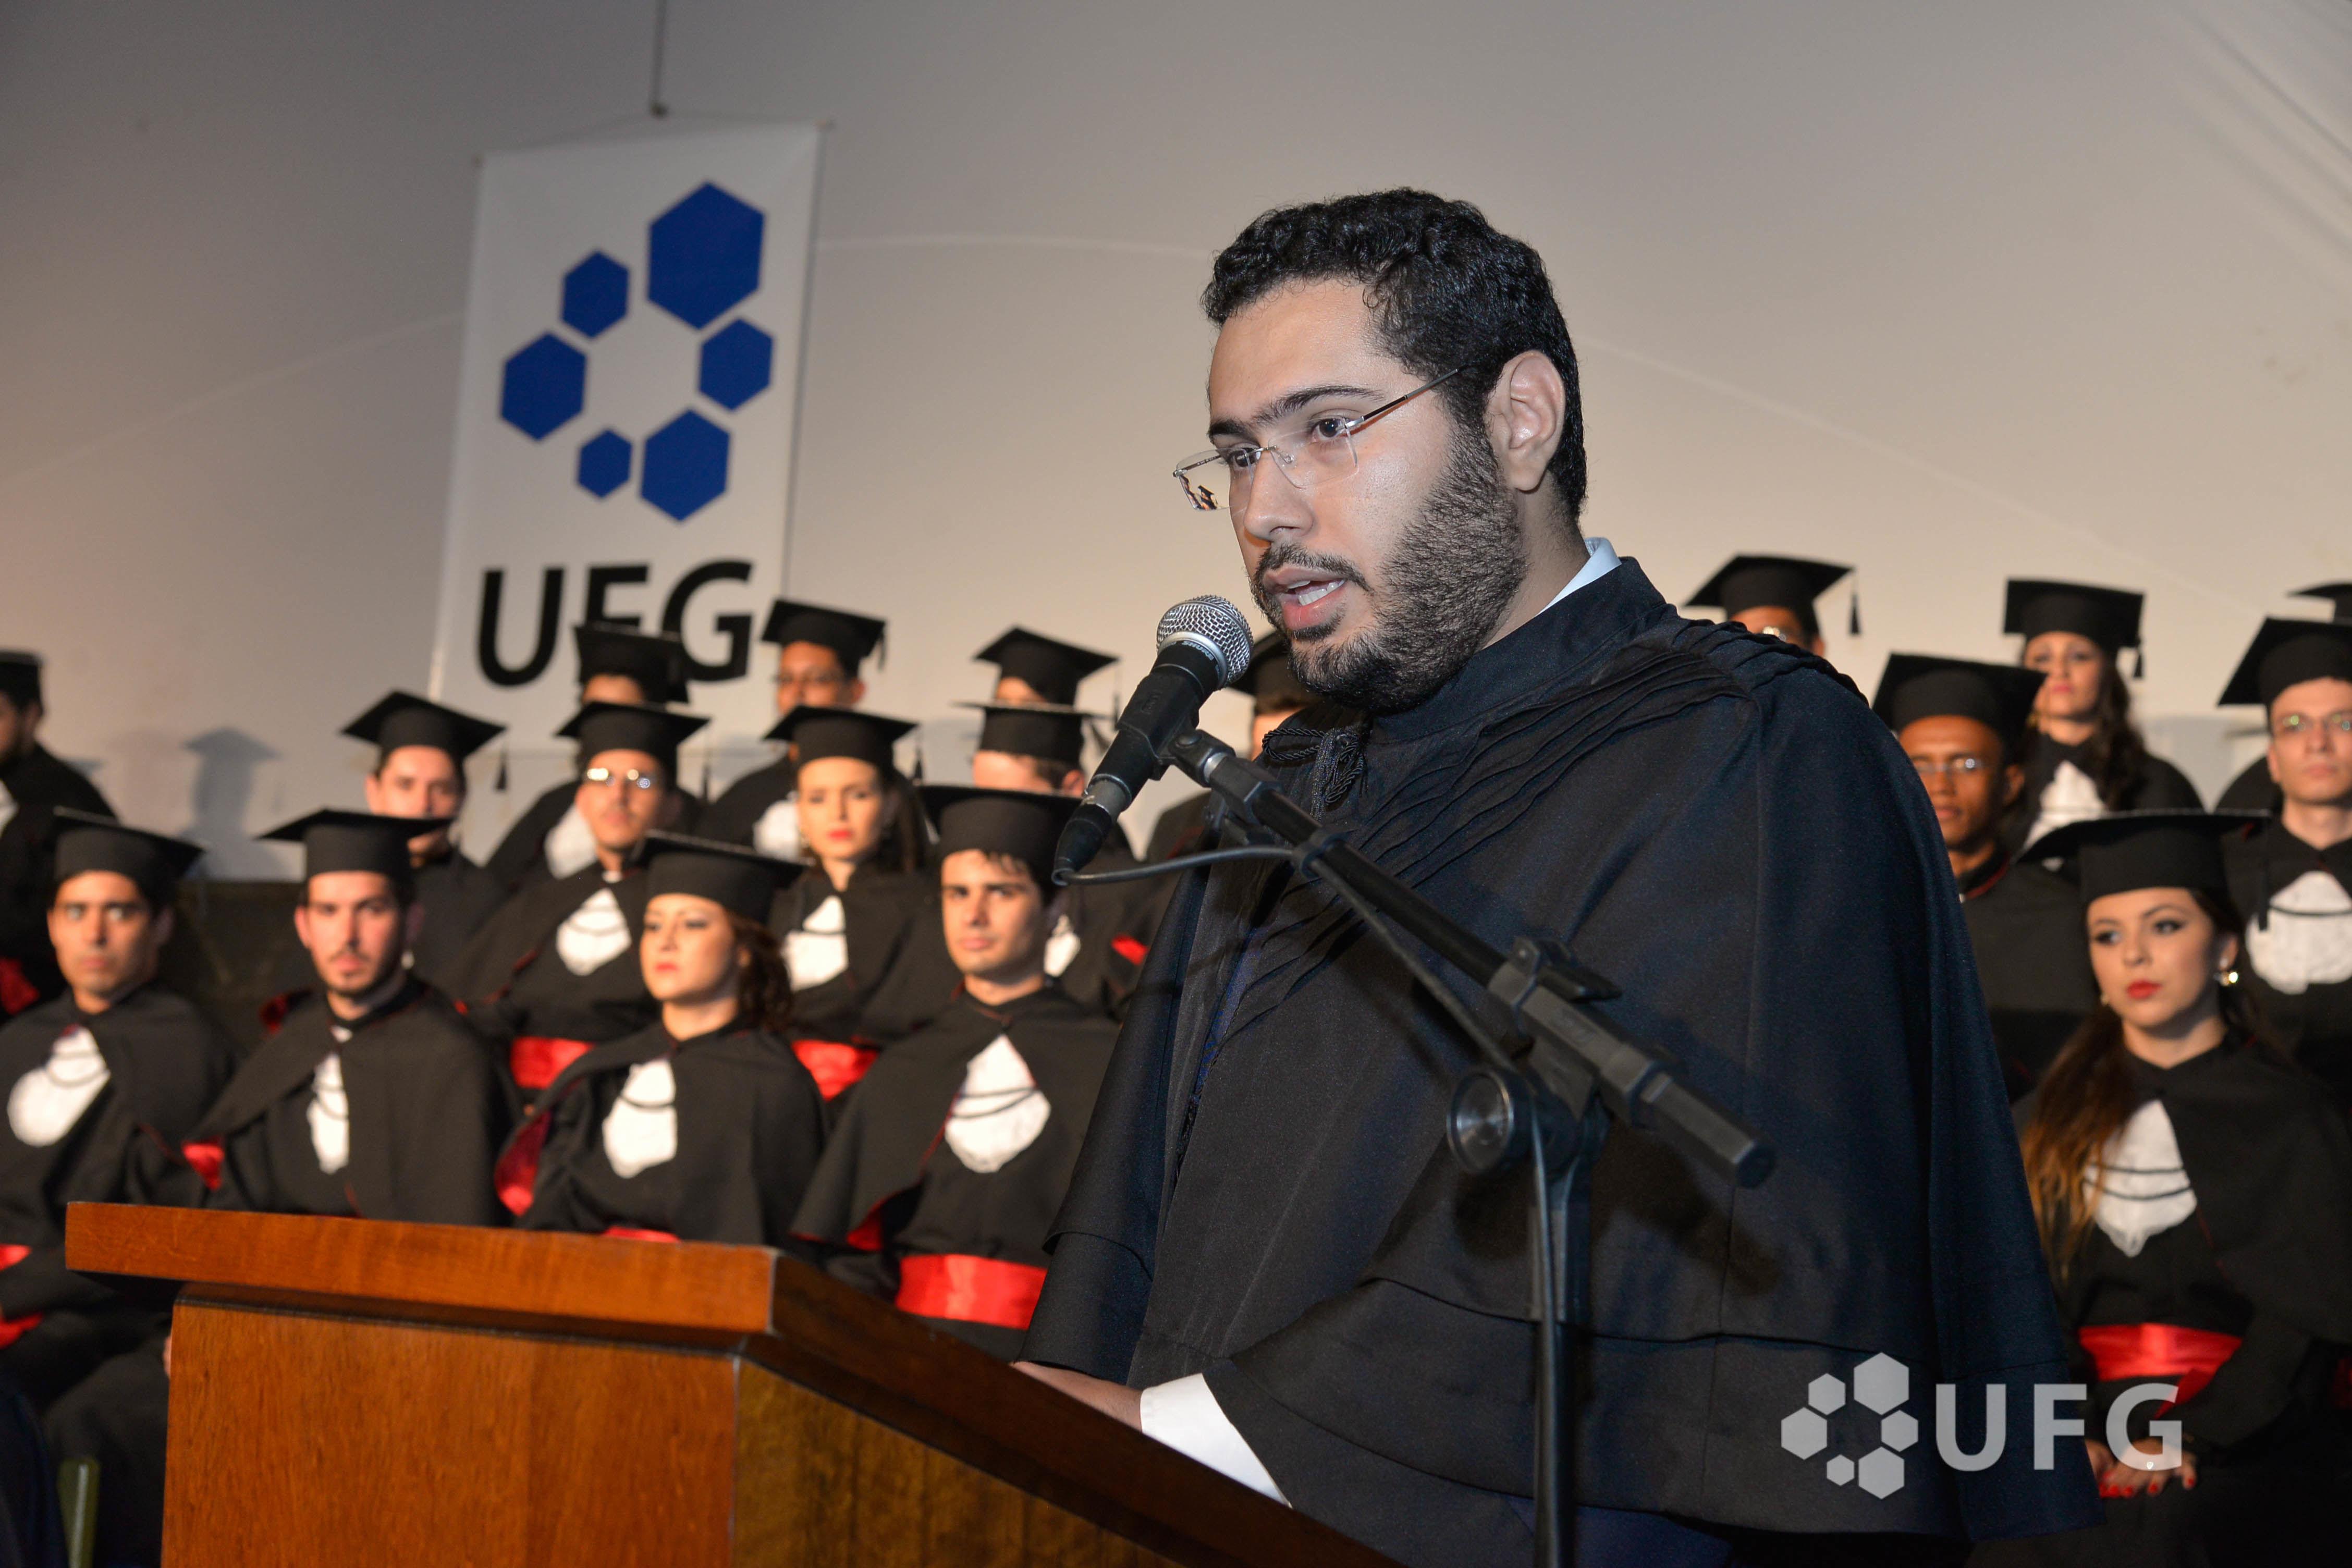 Dircurso na colação de grau da turma de direito 2014/2 da Regional Goiás da UFG